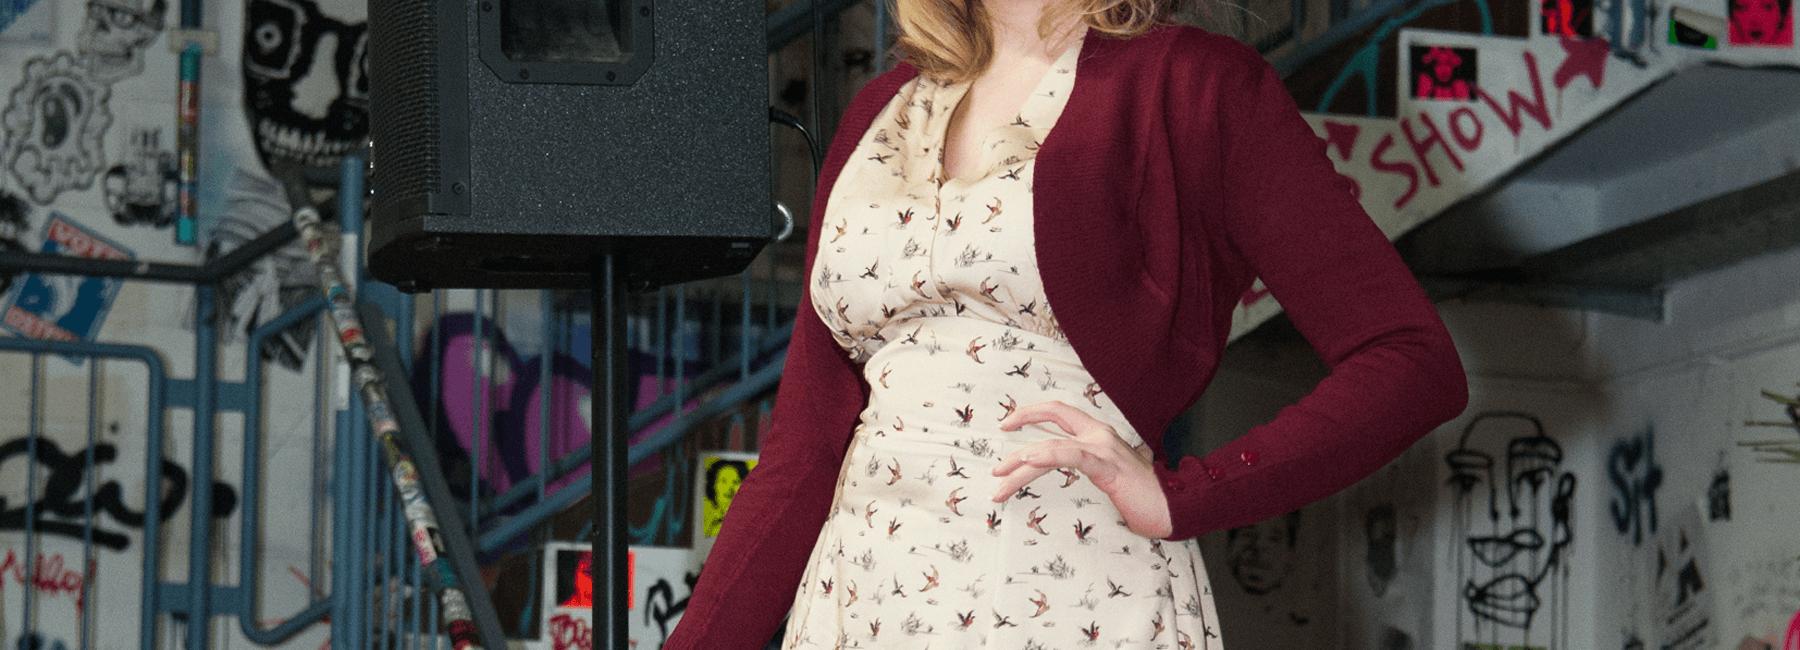 In der Kürze liegt die Würze! Das gilt auf jeden Fall für unsere Kollektion zauberhafter Vintage-Boleros. Sie begleiten originalgetreu die Petticoatkleider der 50er Jahre, aber auch das elegante Pencilkleid oder die sommerliche Caprihose.